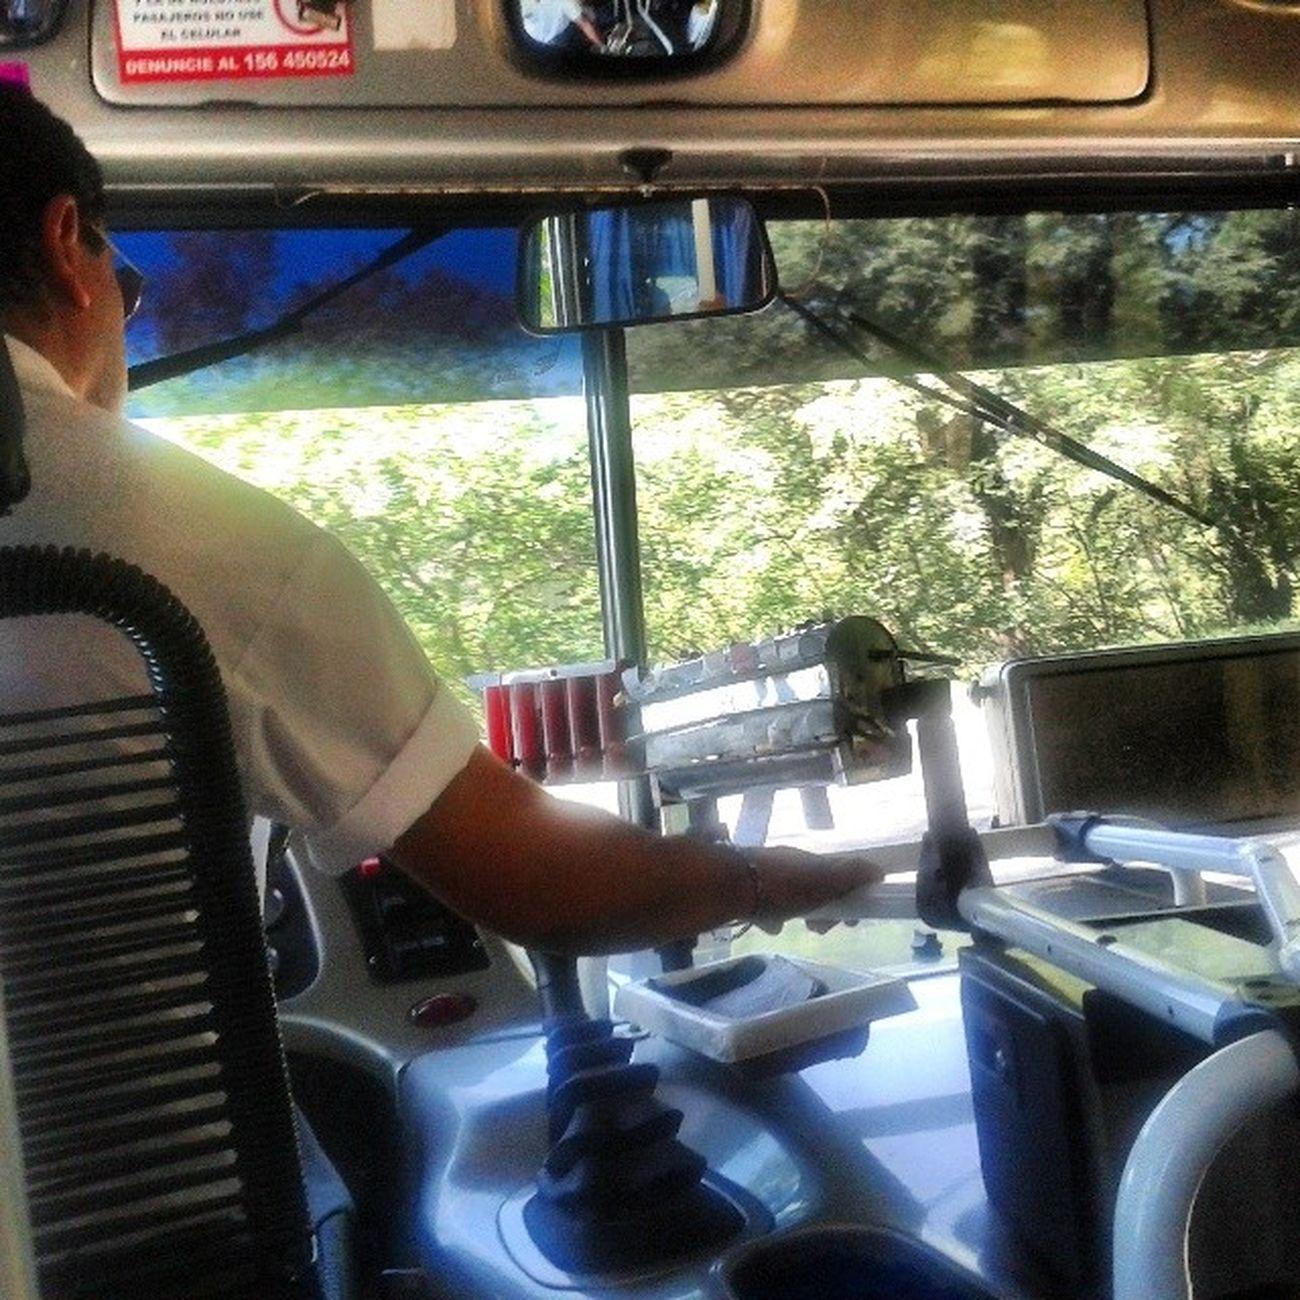 Nos vamos a la selvaaaaaaaa - Selva 118 Bus Colectivo Colectivos Bosque Montaña Mountain Crazy ConLosHuevosEnLaGarganta